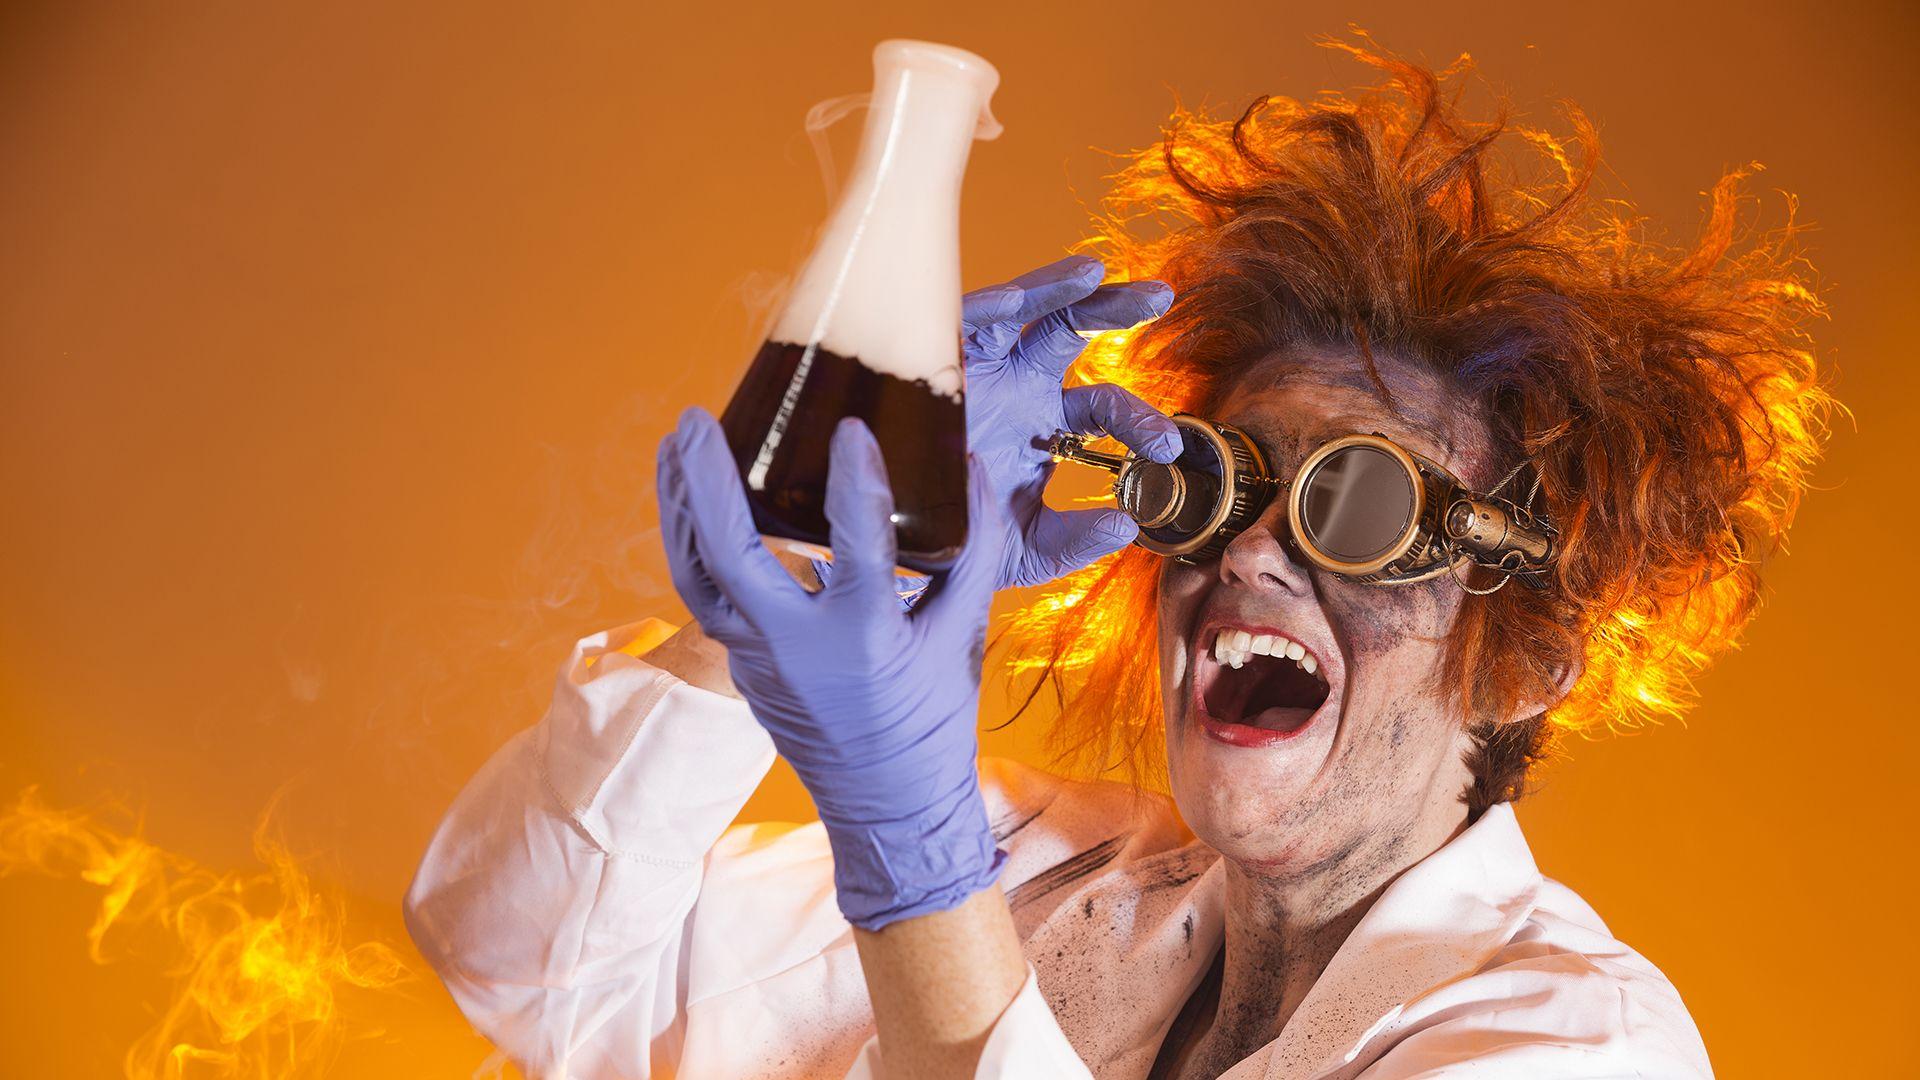 otthon elvégezető kémiai fizikai kísérletek